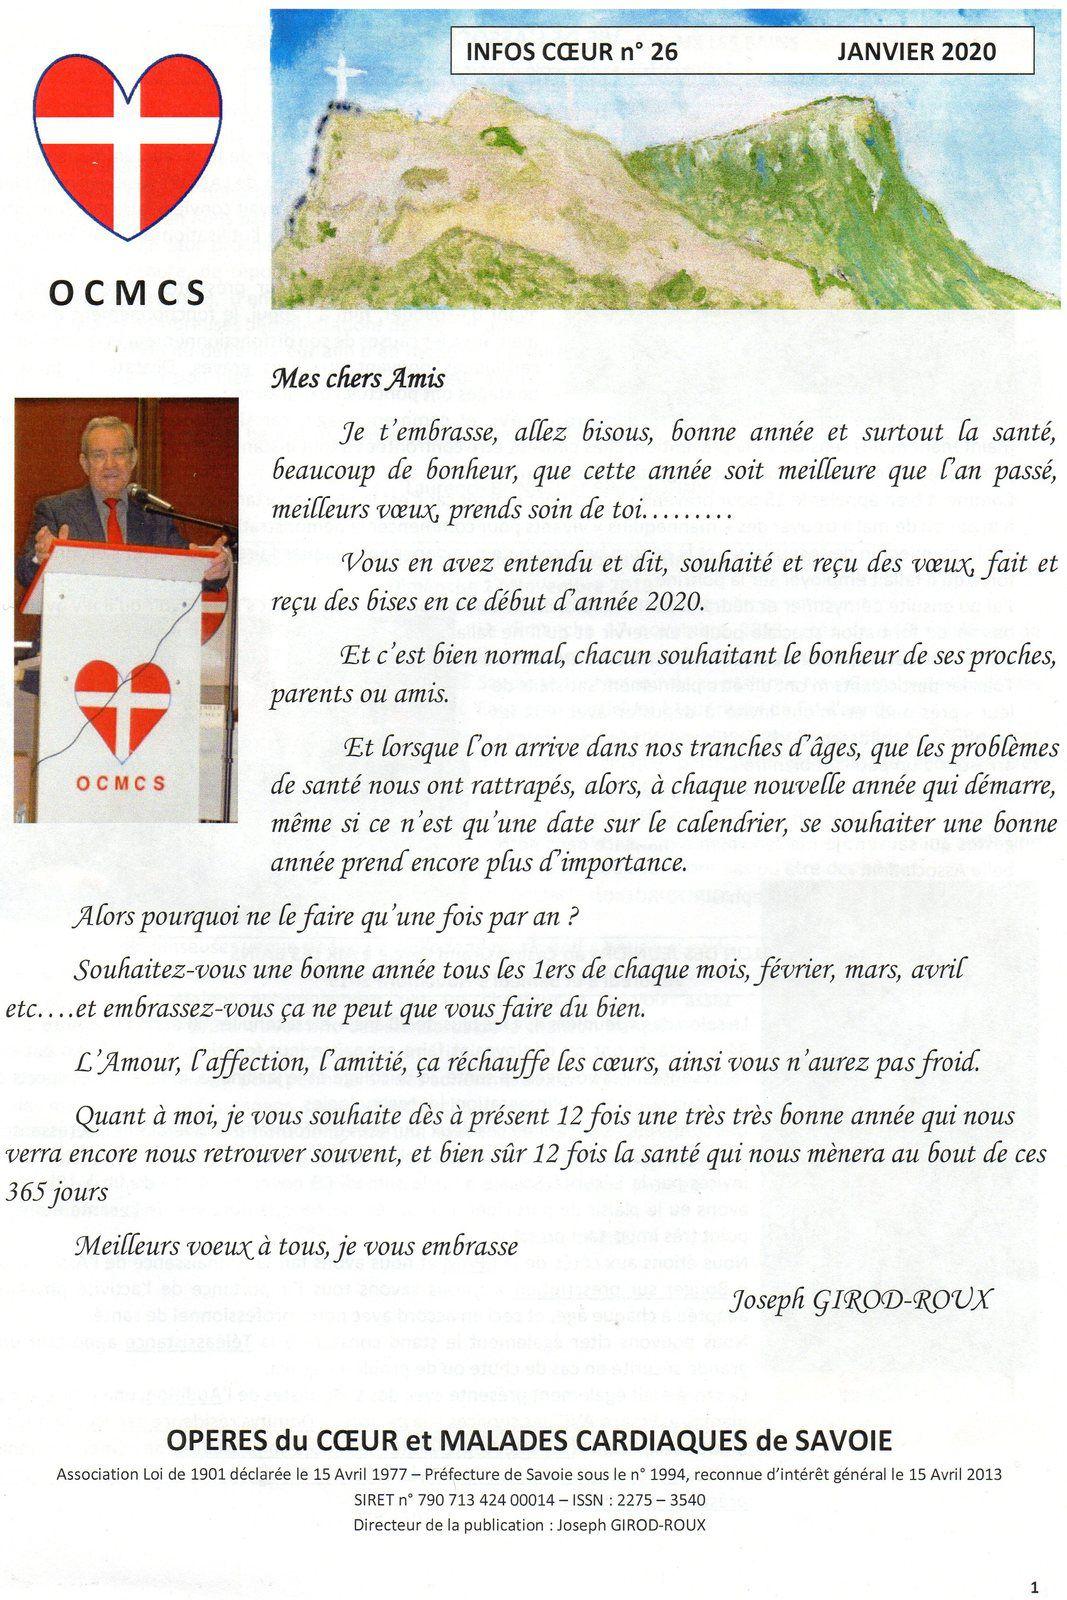 INFOS COEUR N° 26